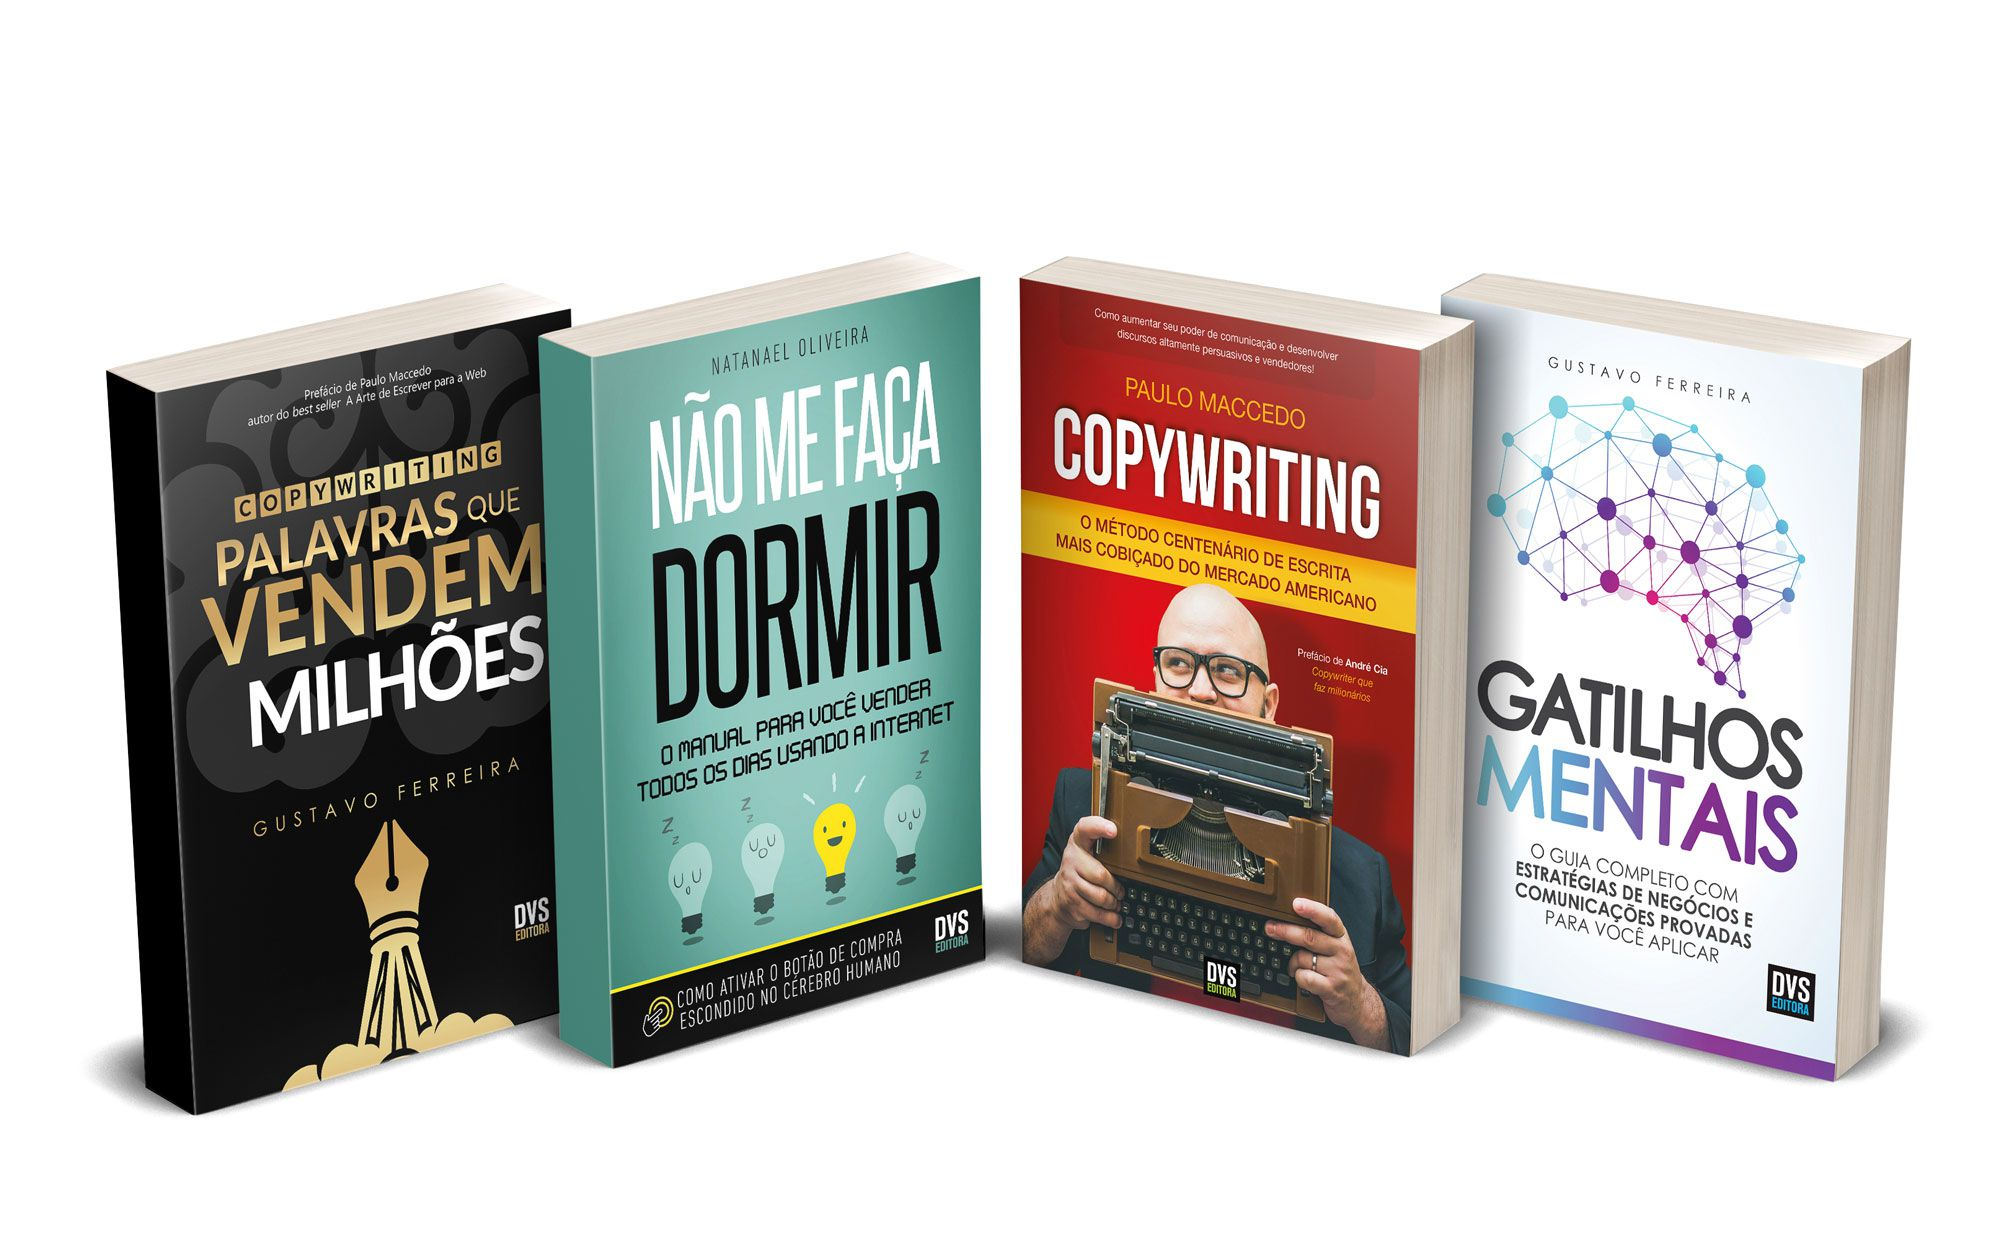 Kit Copywriting com 4 livros